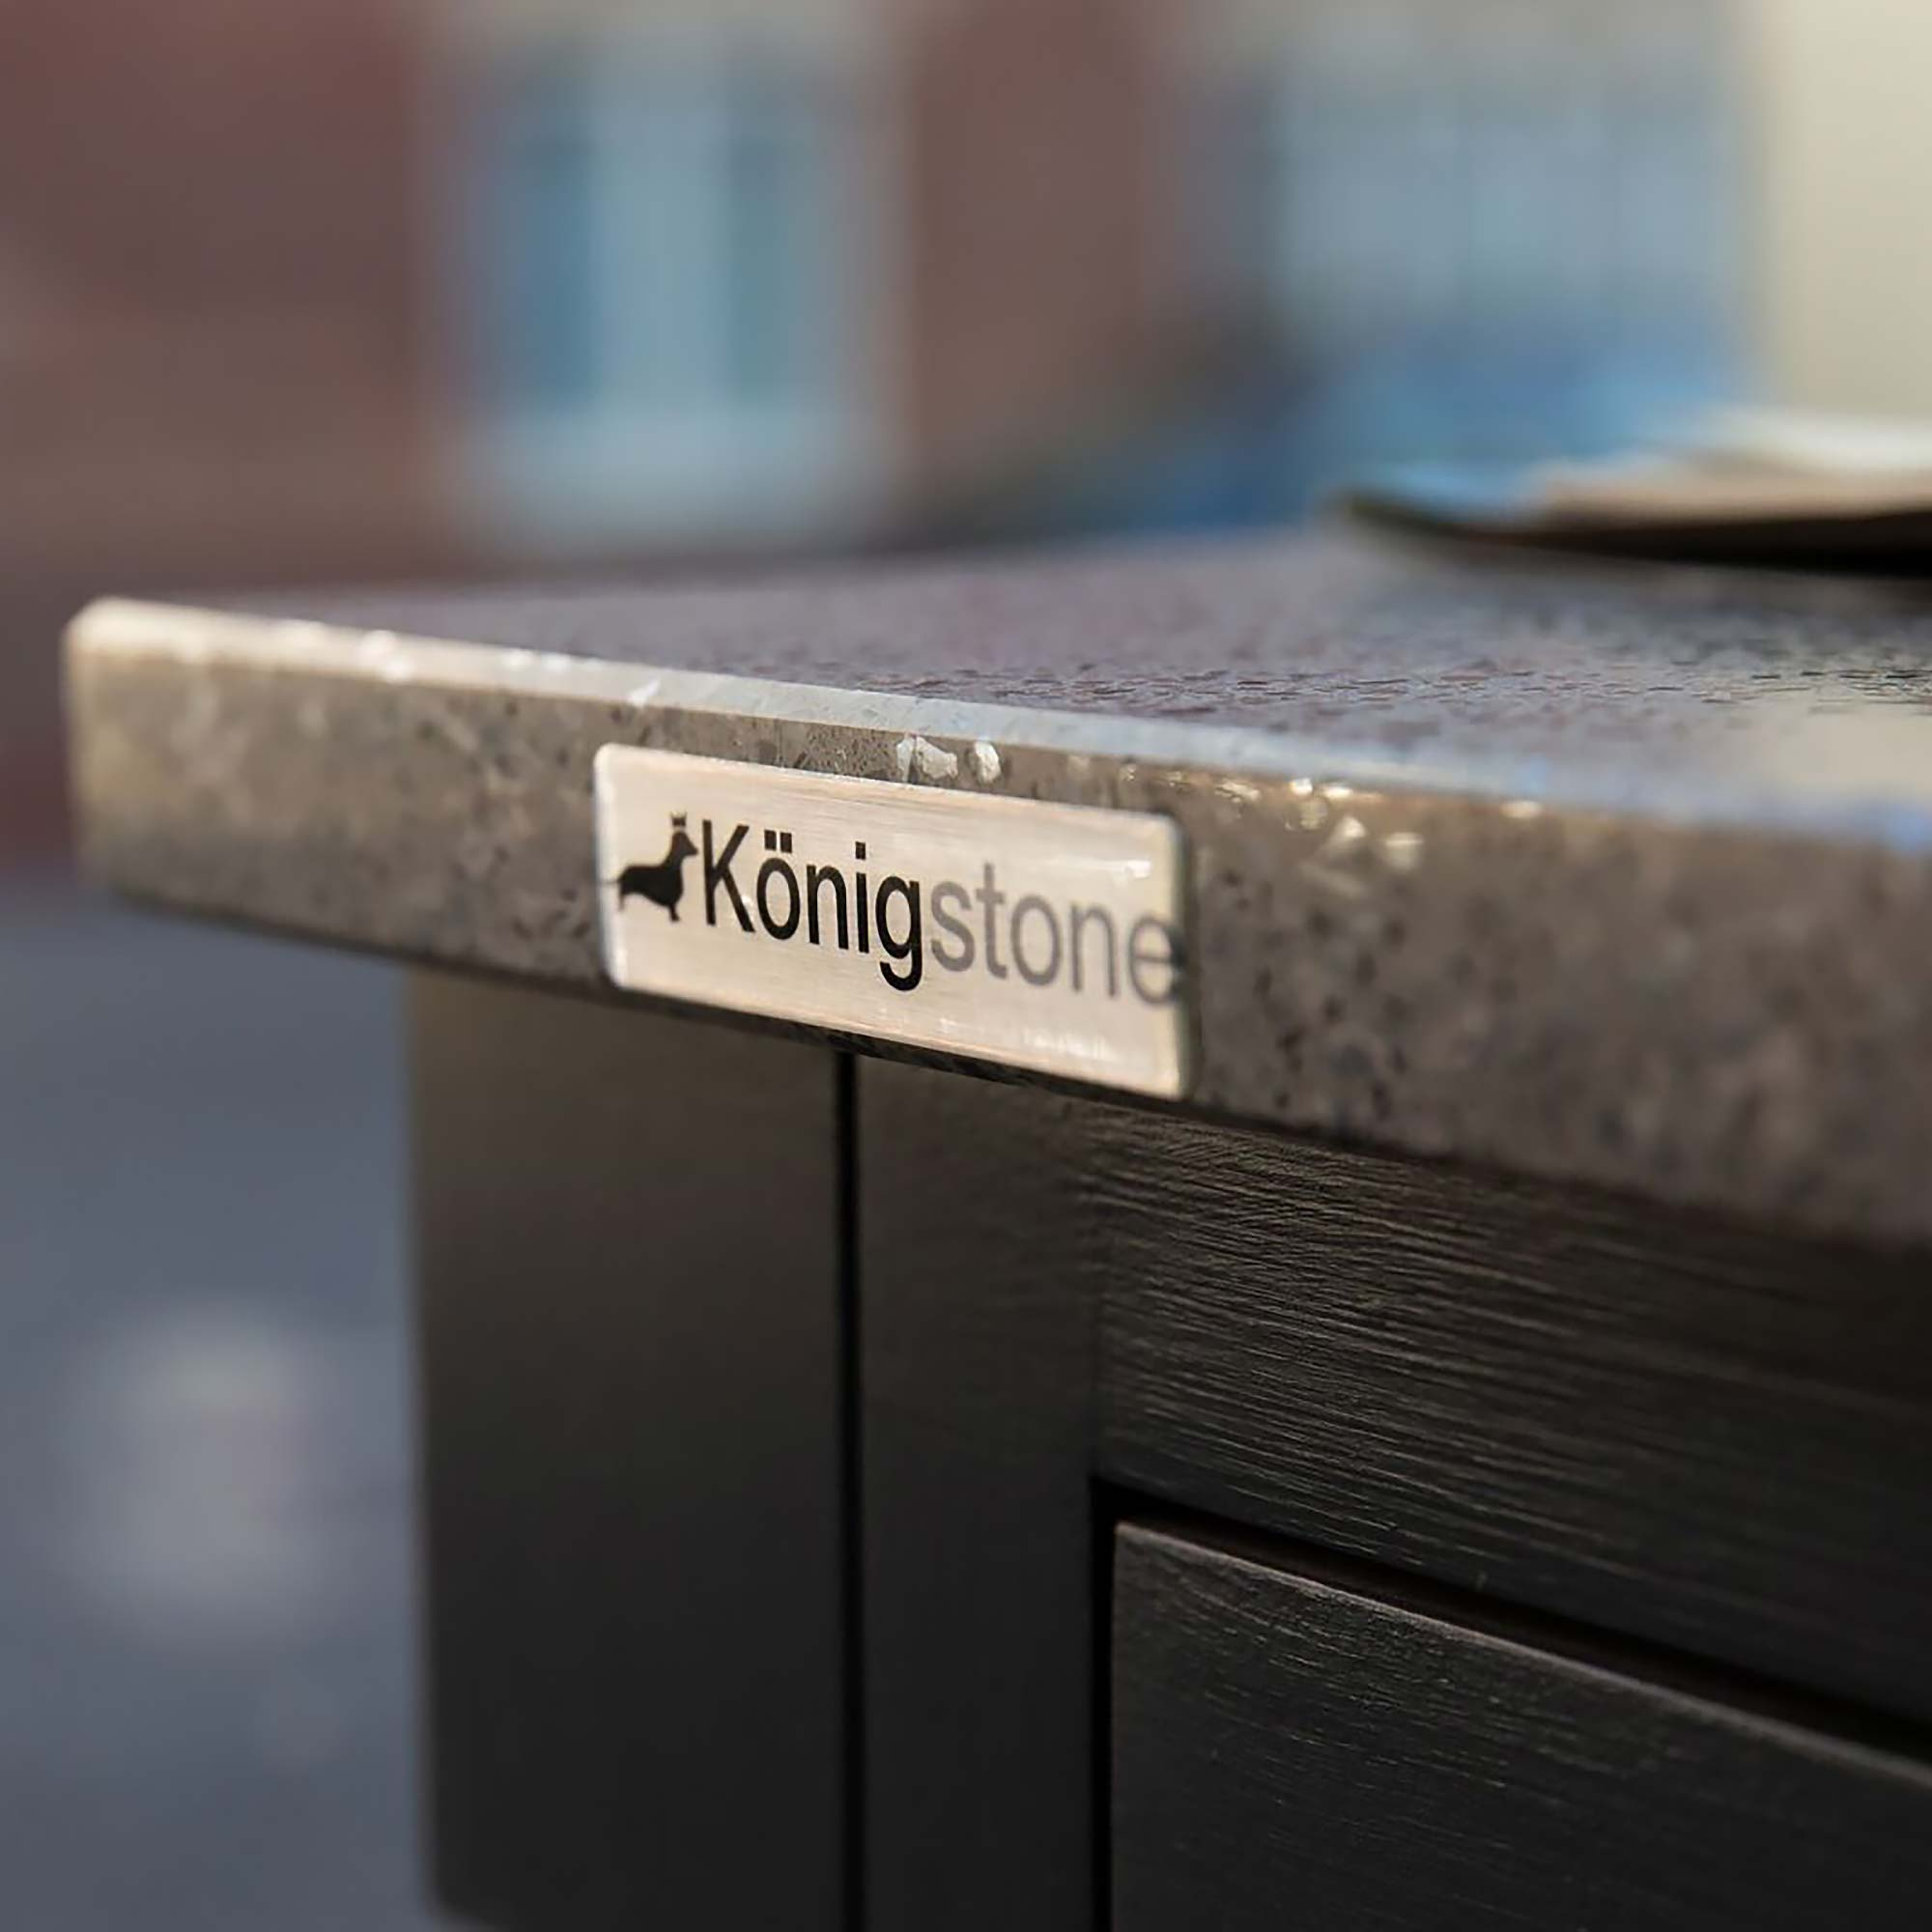 Konigstone kitchen worktop